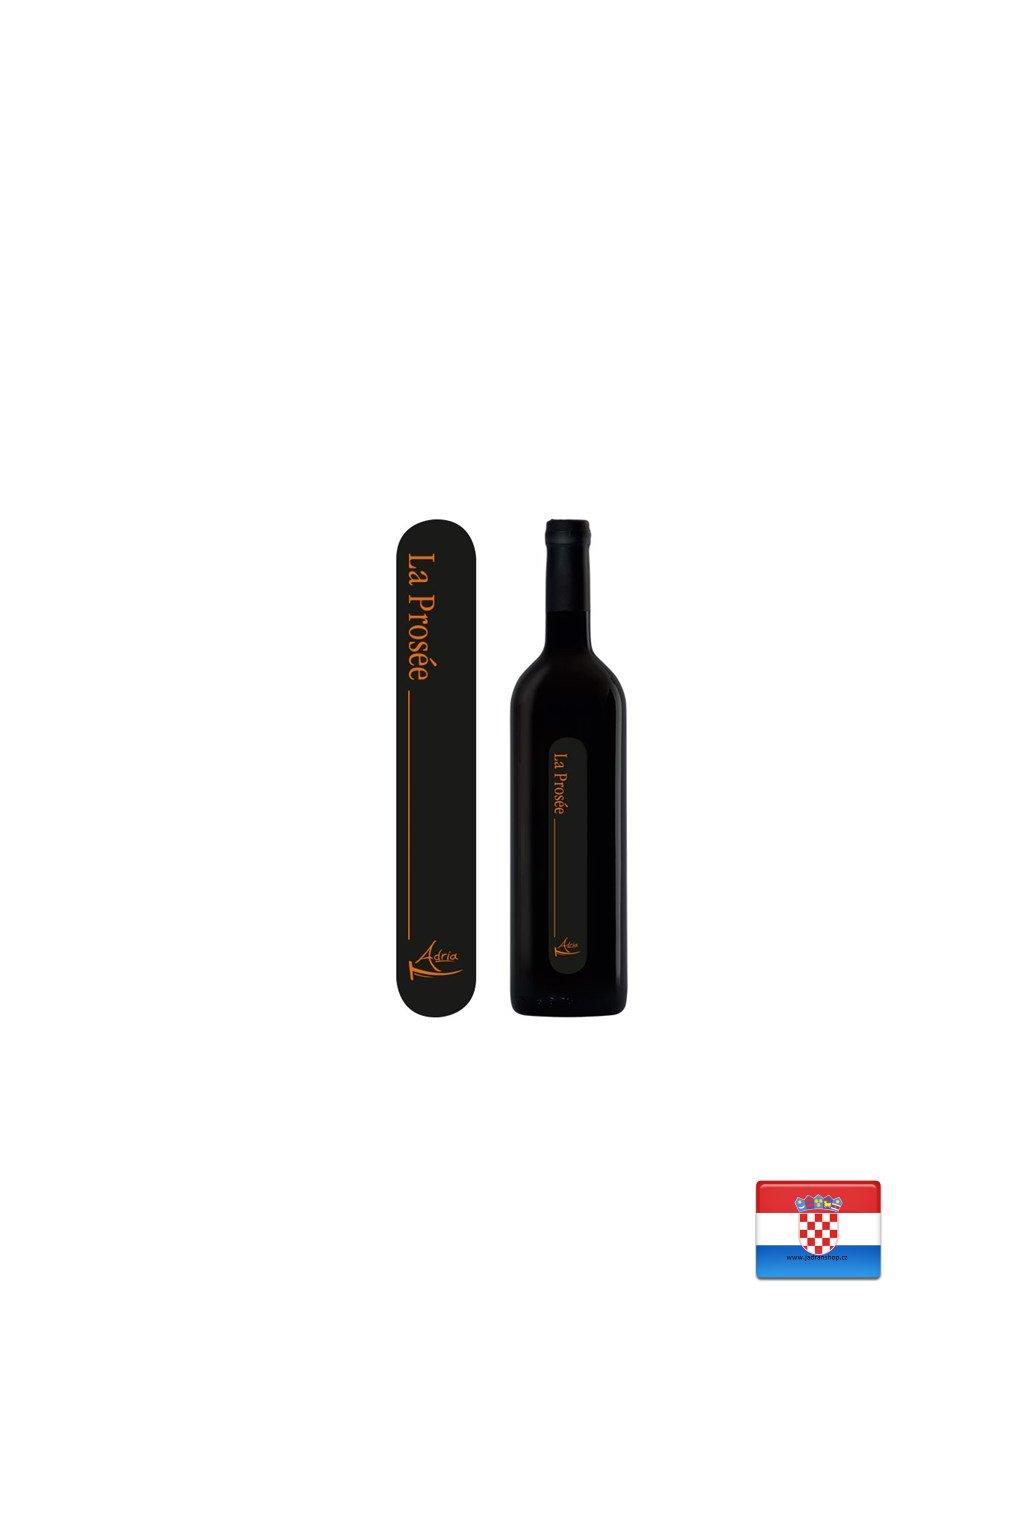 Prosek czerwone wino deserowe 0,75l  Prosek wino- Vino Palihnić Pelješac